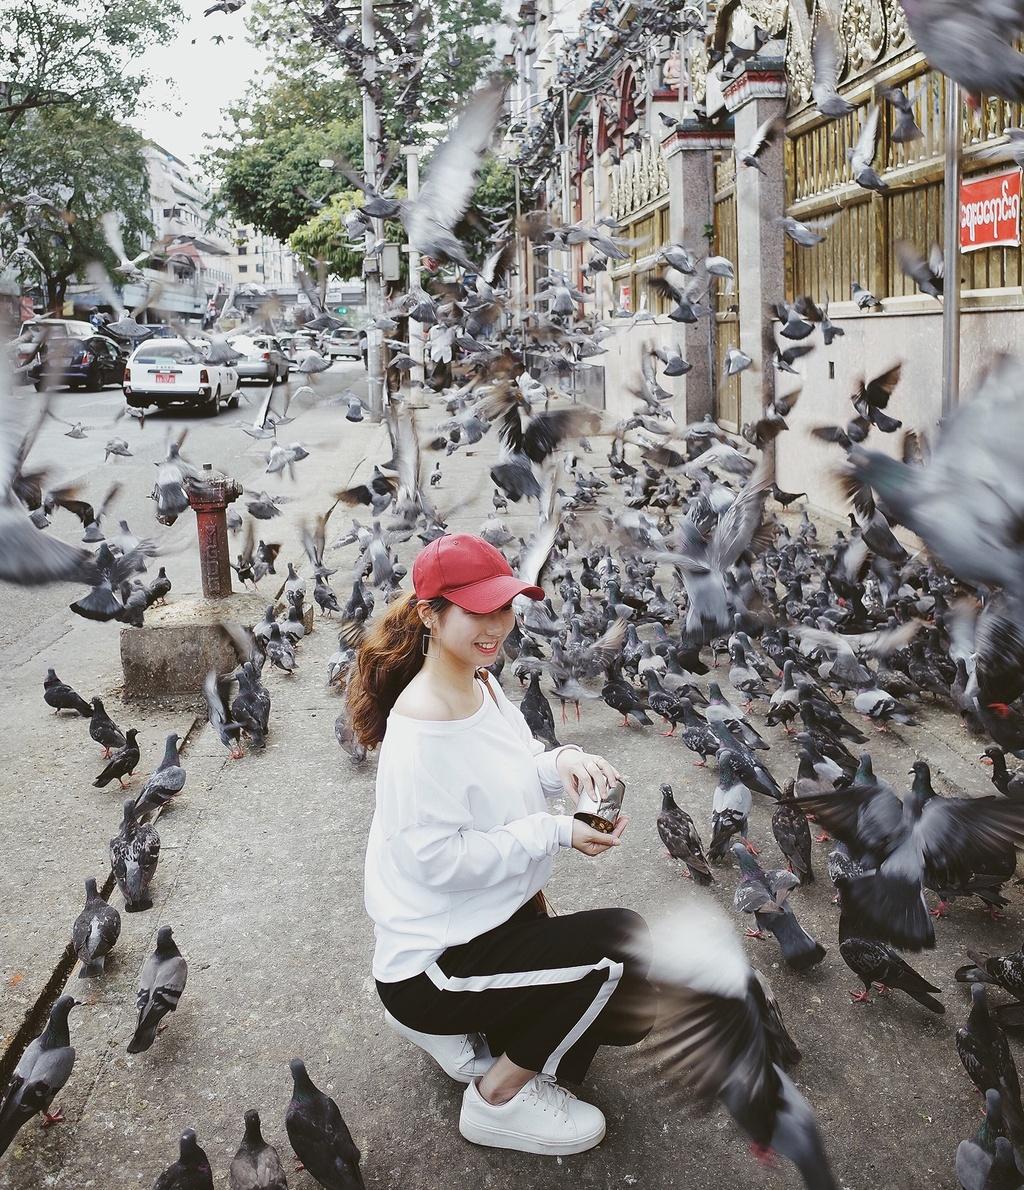 #Mytour: Myanmar - Ve dep thanh binh va huyen ao say dam long nguoi hinh anh 2